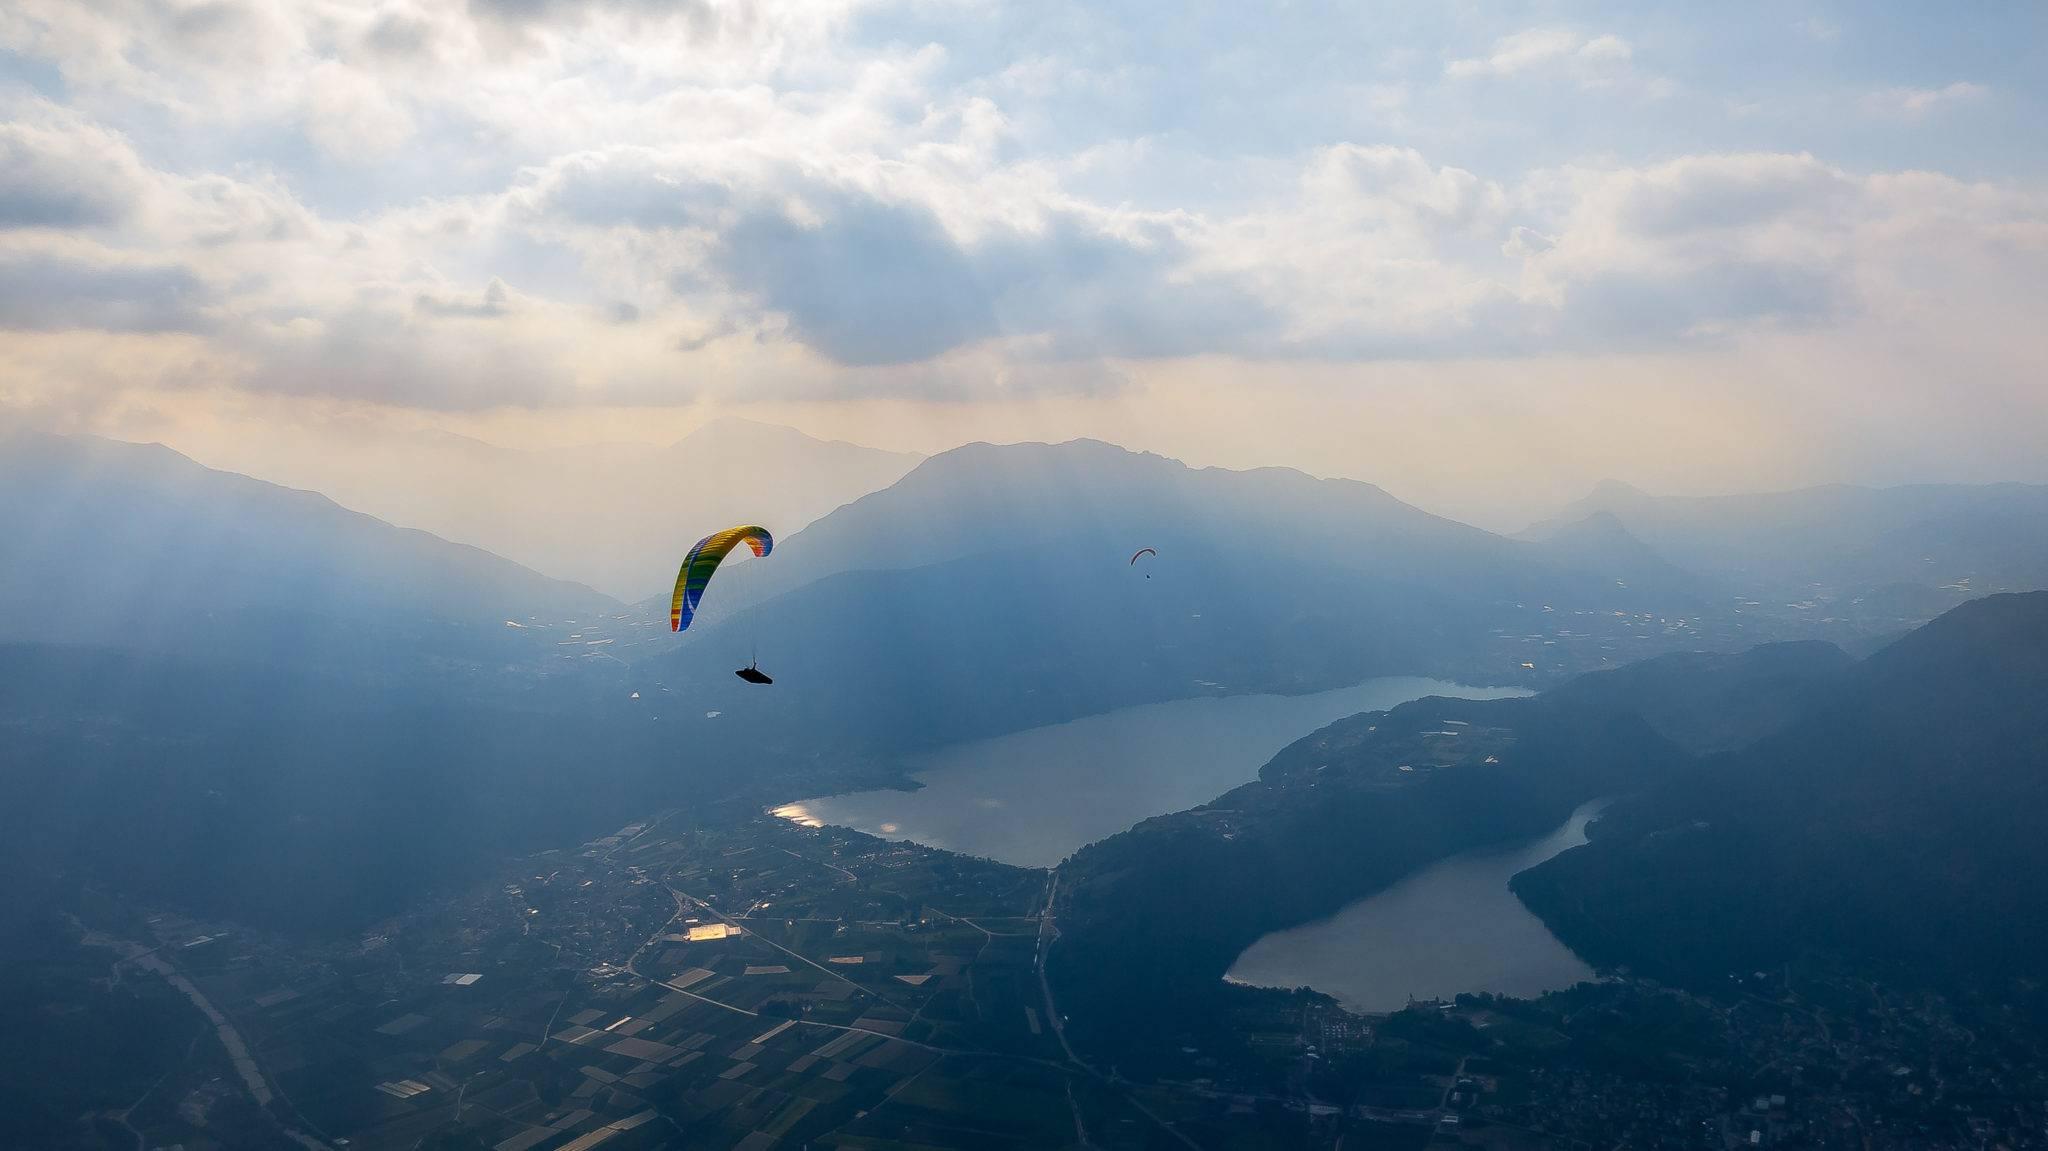 Volo libero Trentino a Levico Terme in Trentino